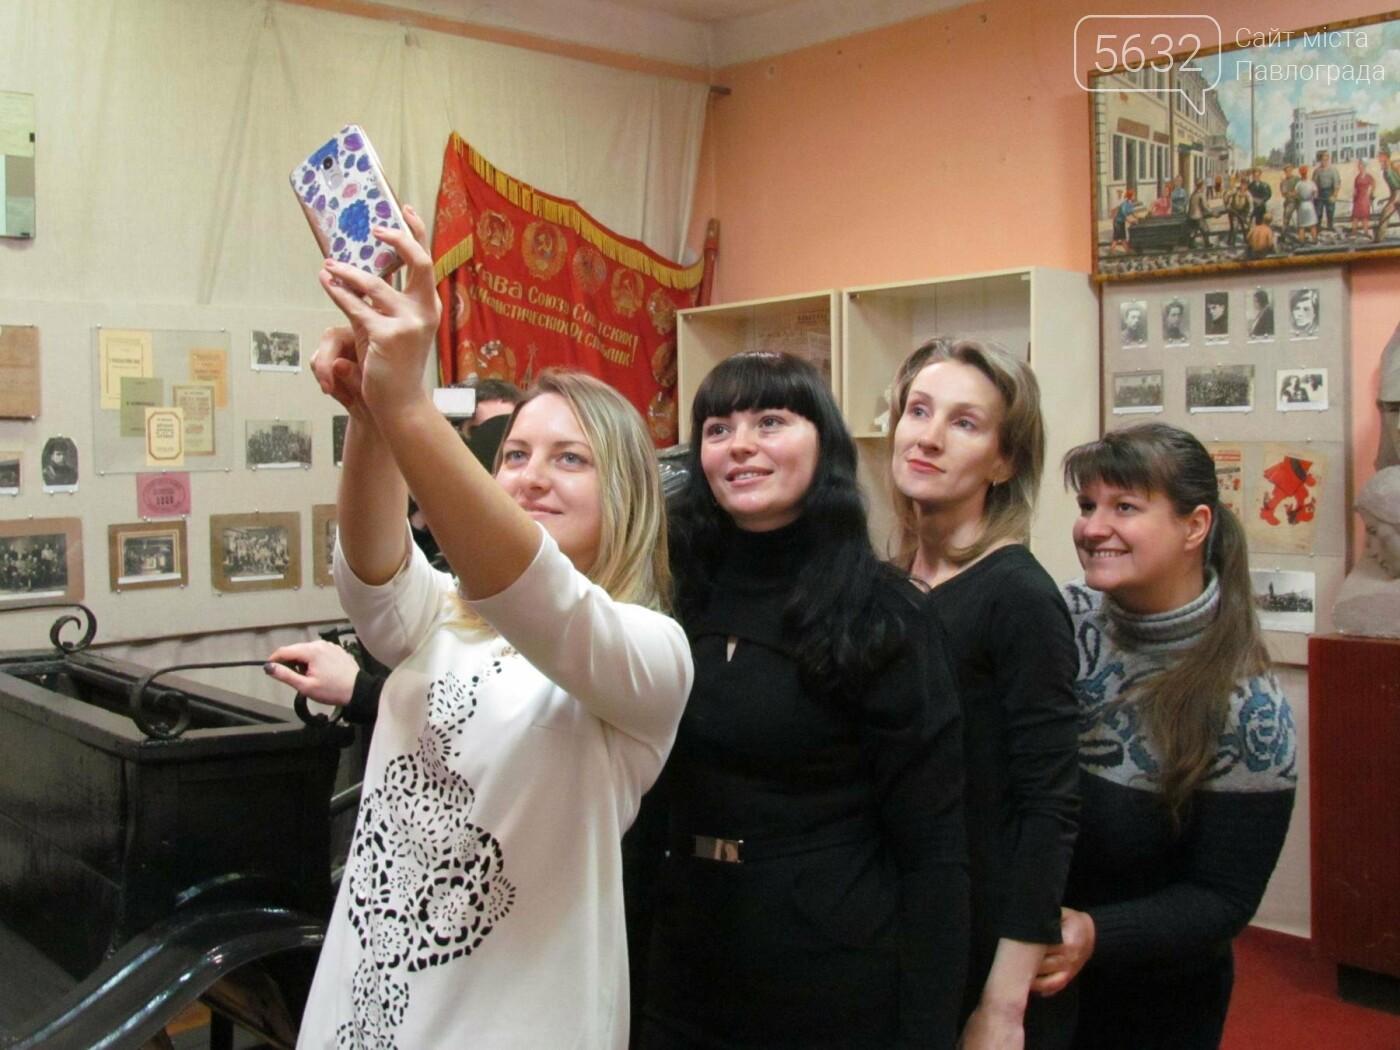 Павлоградцы присоеденились к флешмобу «MuseumSelfie», фото-2